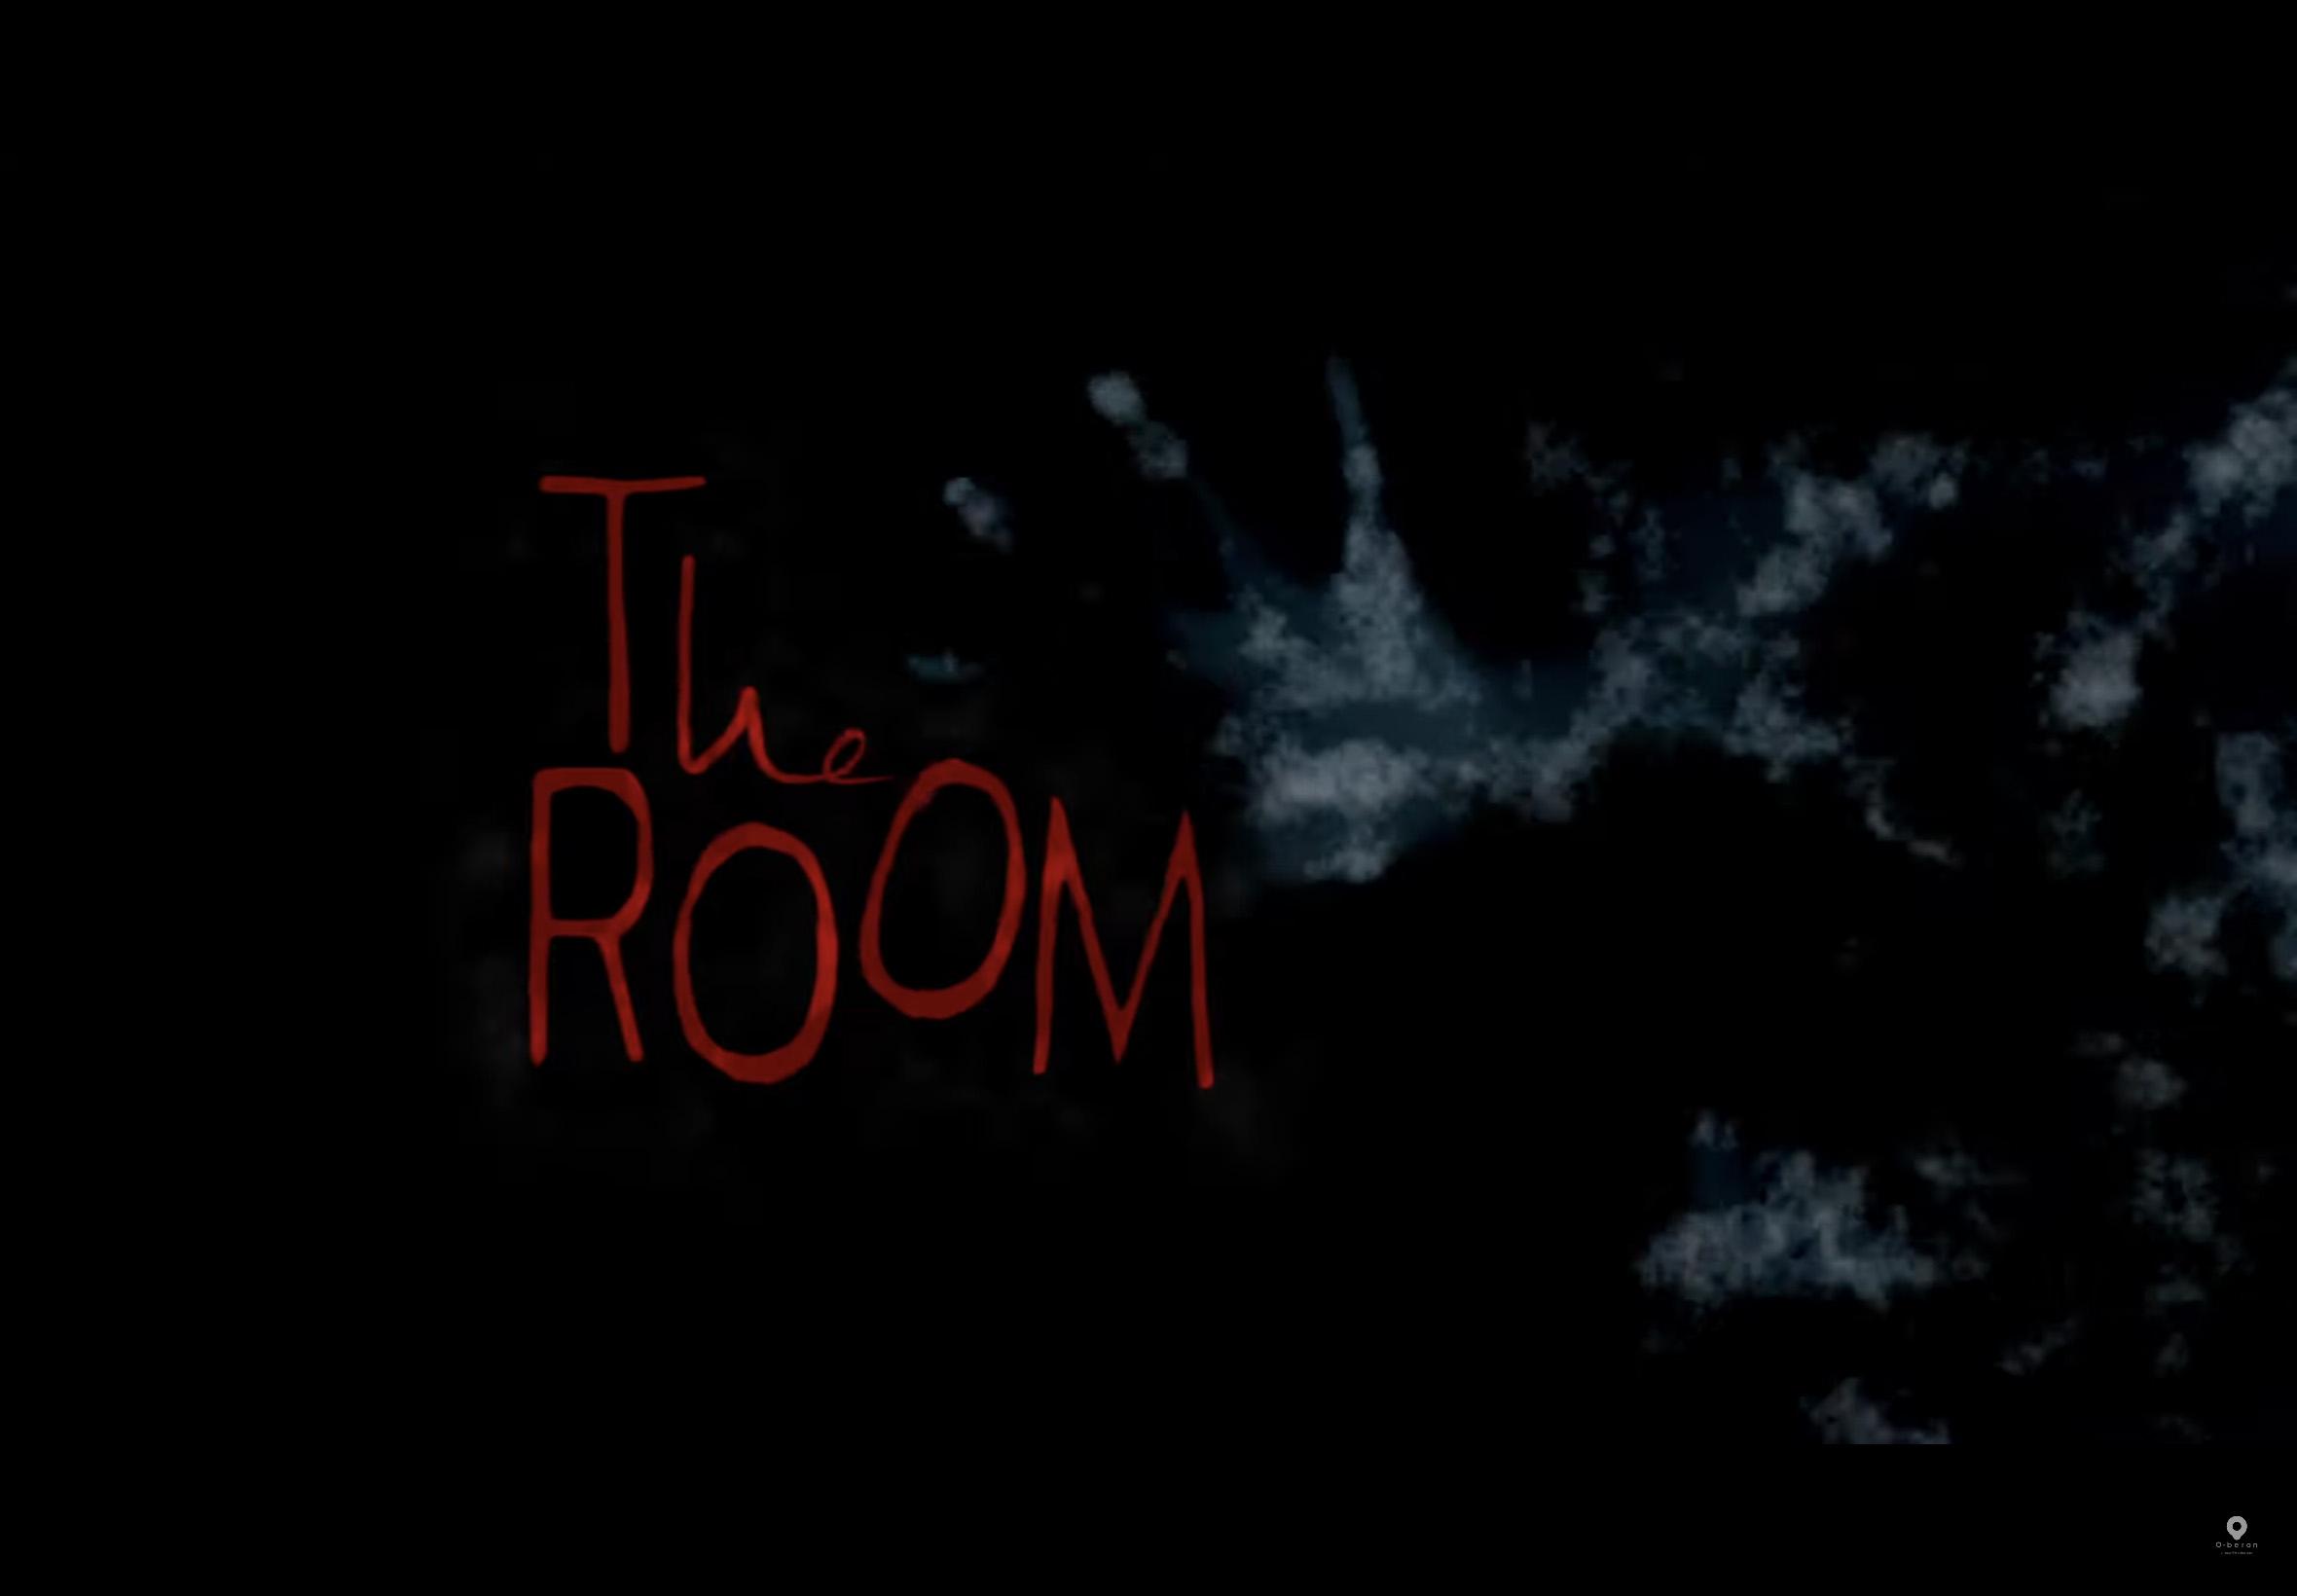 前川優希、北村諒、大河元気ら出演 ASMRによる新感覚ホラー「The ROOM」が配信 イメージ画像